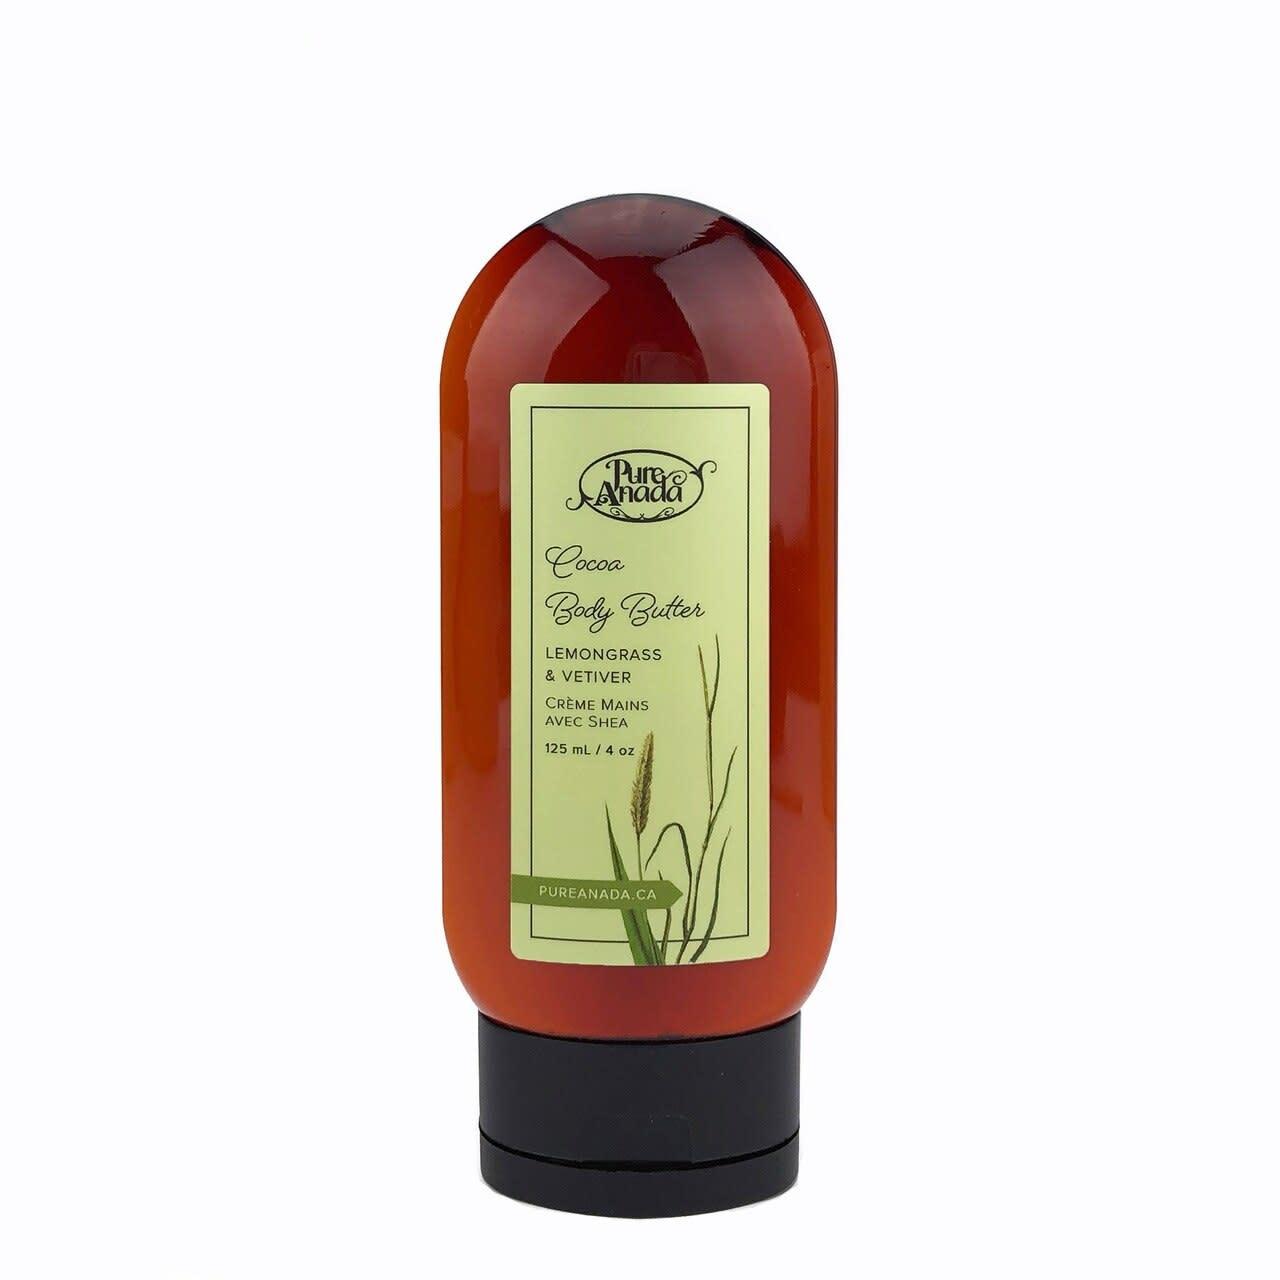 Cocoa Body Butter - Lemongrass & Vetiver-1